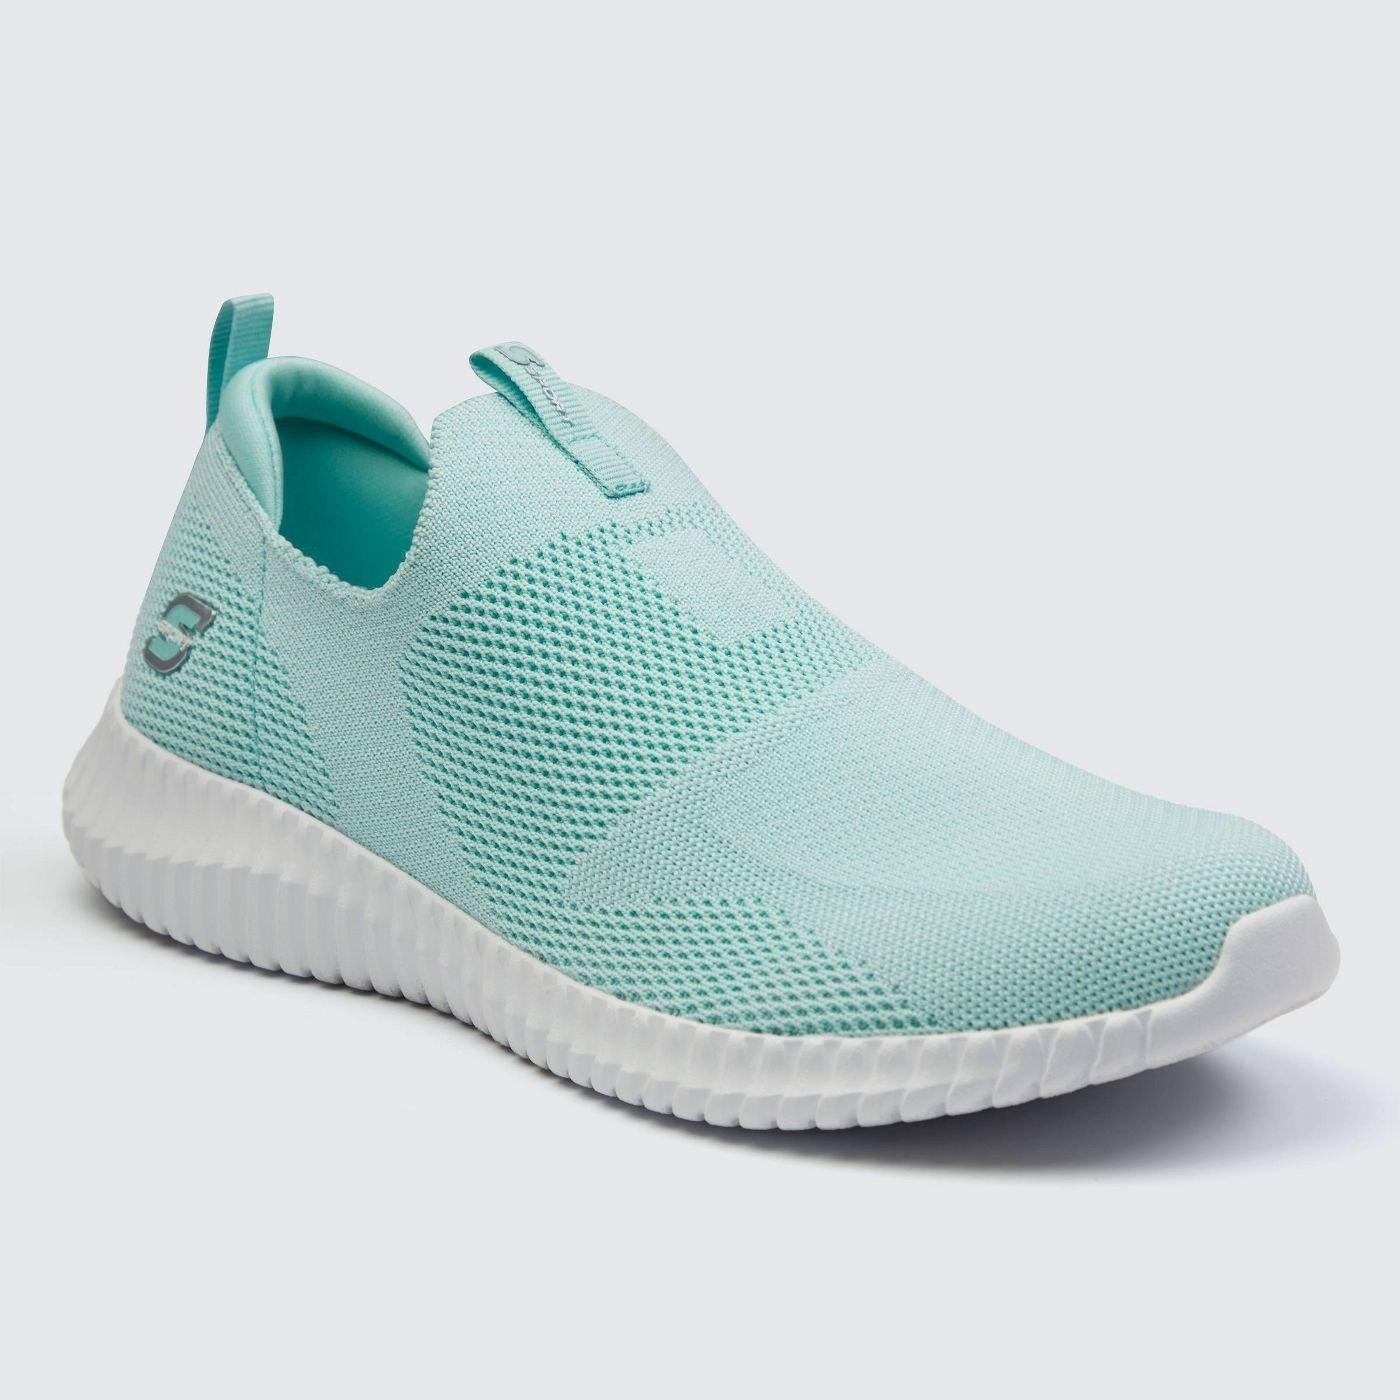 The mint sneaker